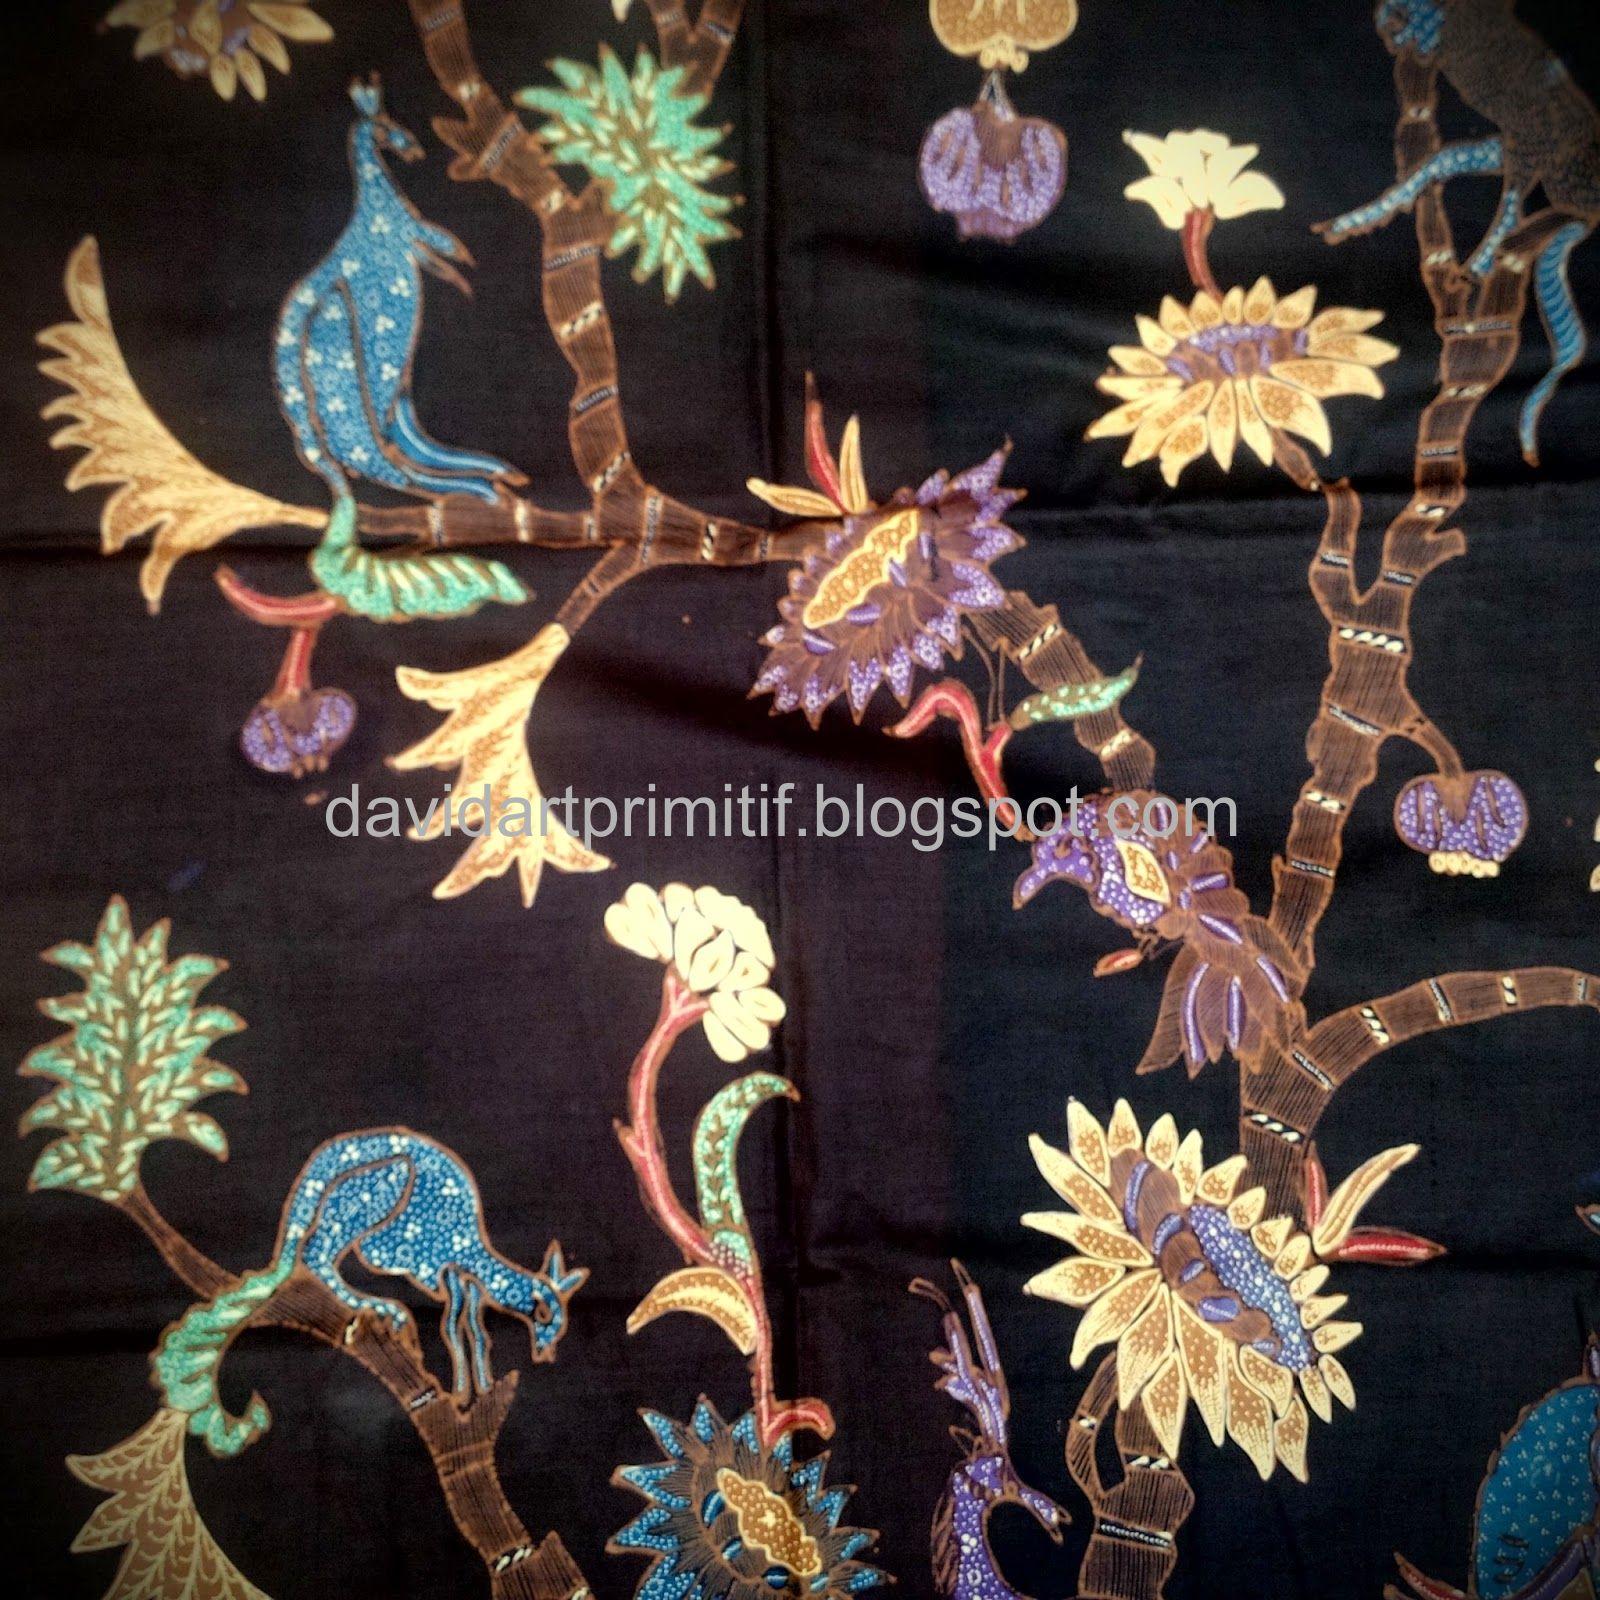 4 Penemu Batik Tulis: Art & Primitif: Kain Batik Tulis Garoet Lawasan Motif Alas